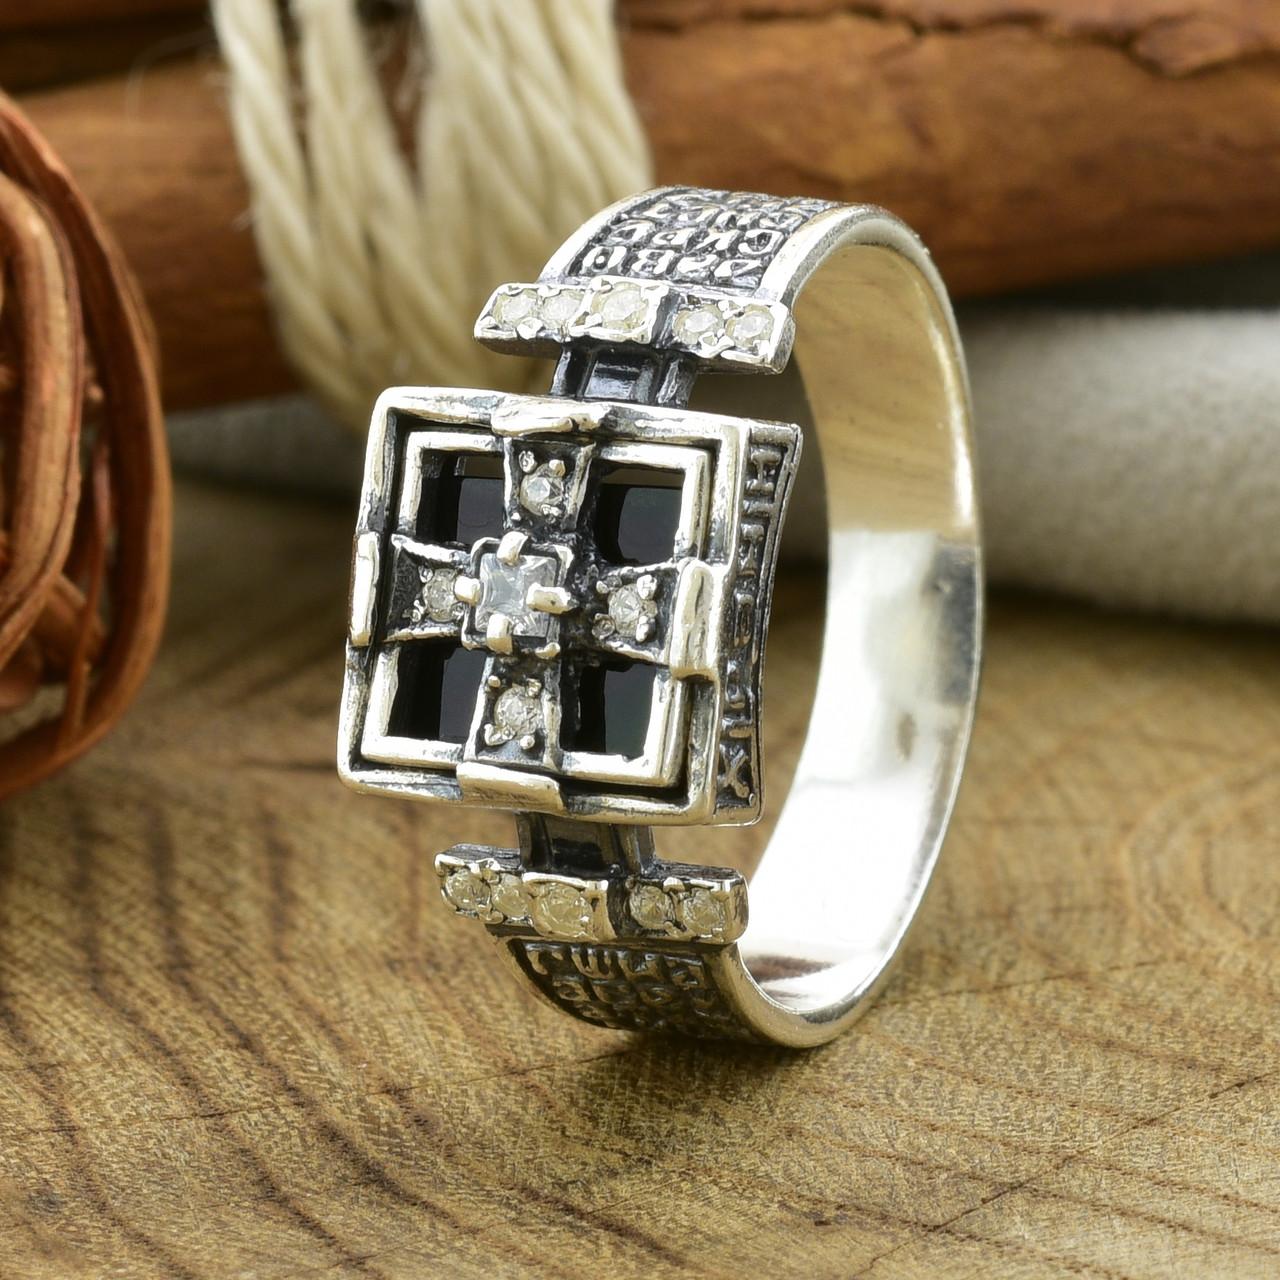 Серебряное кольцо Перстень с молитвой вставка белые фианиты вес 4.76 г размер 18.5